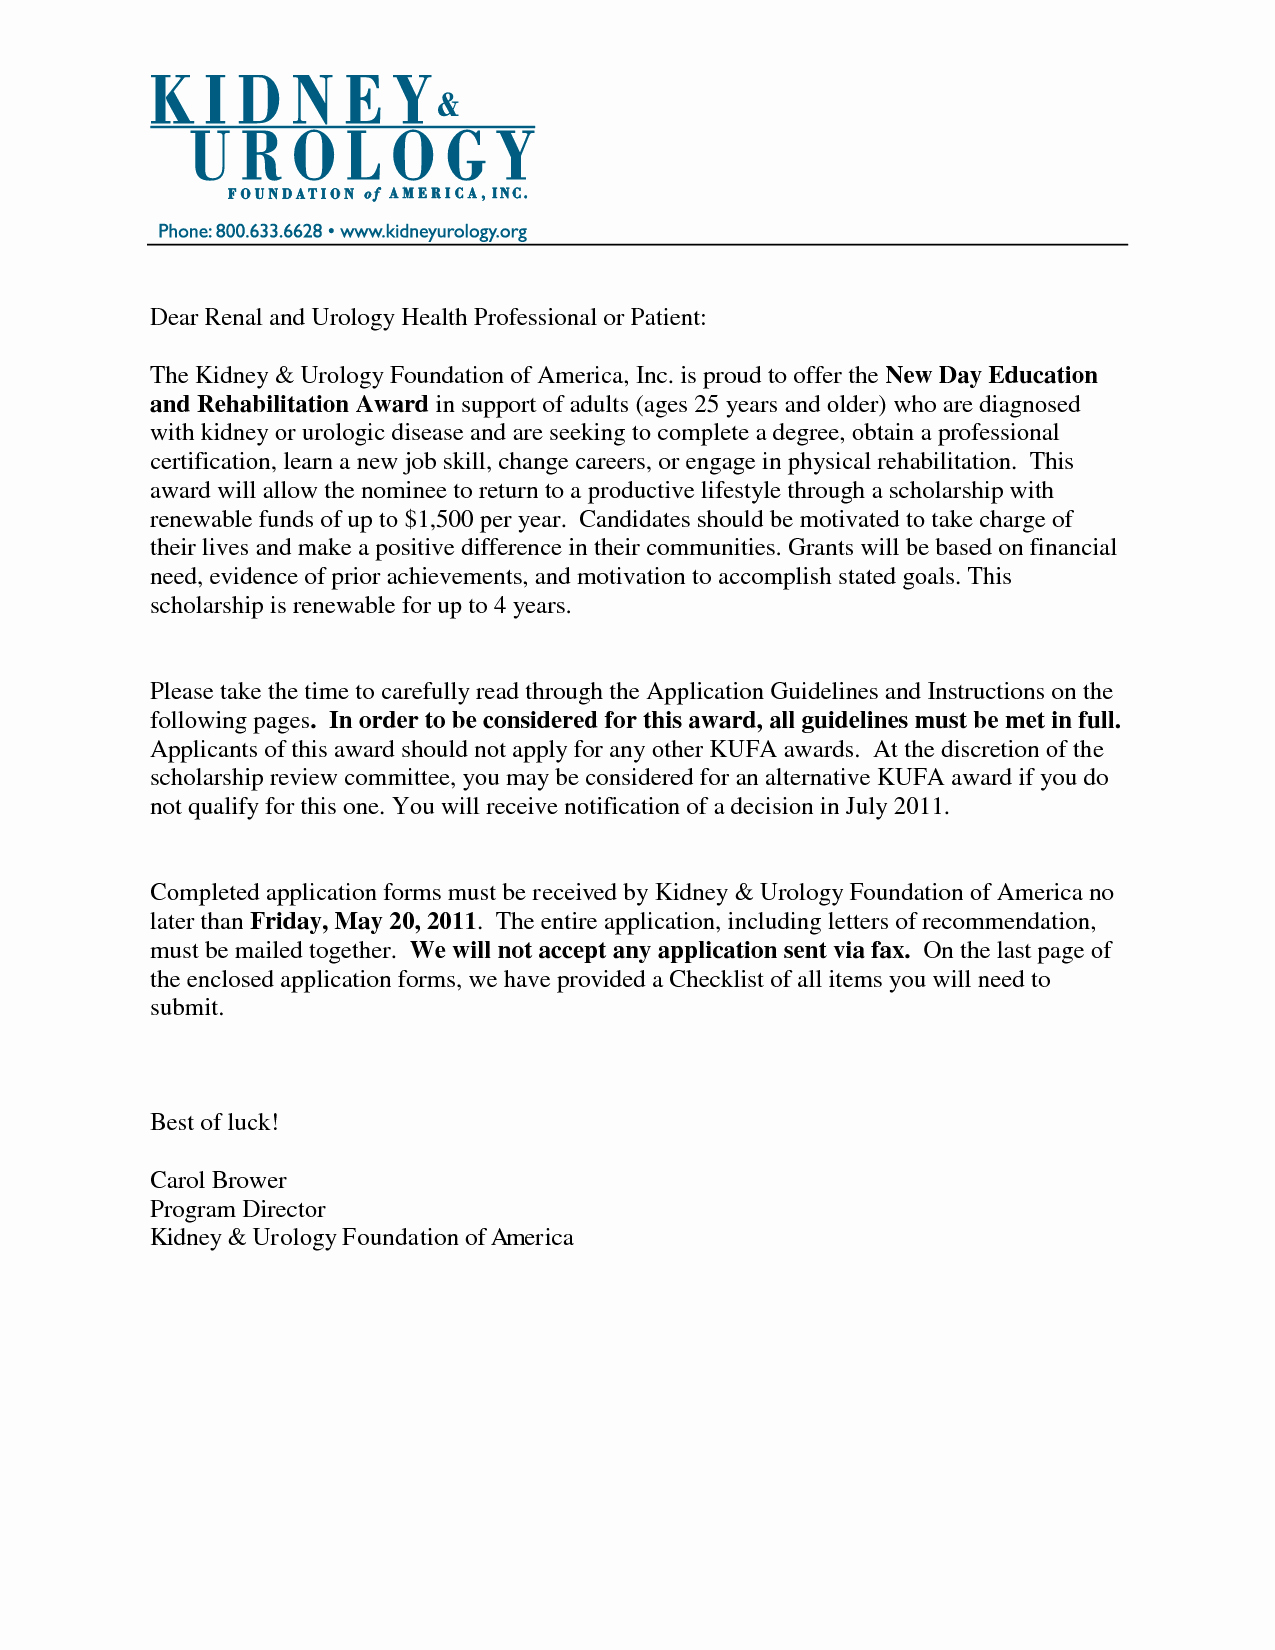 Nurse Letter Of Recommendation Elegant Sample Re Mendation Letter for Nursing Hashtag Bg